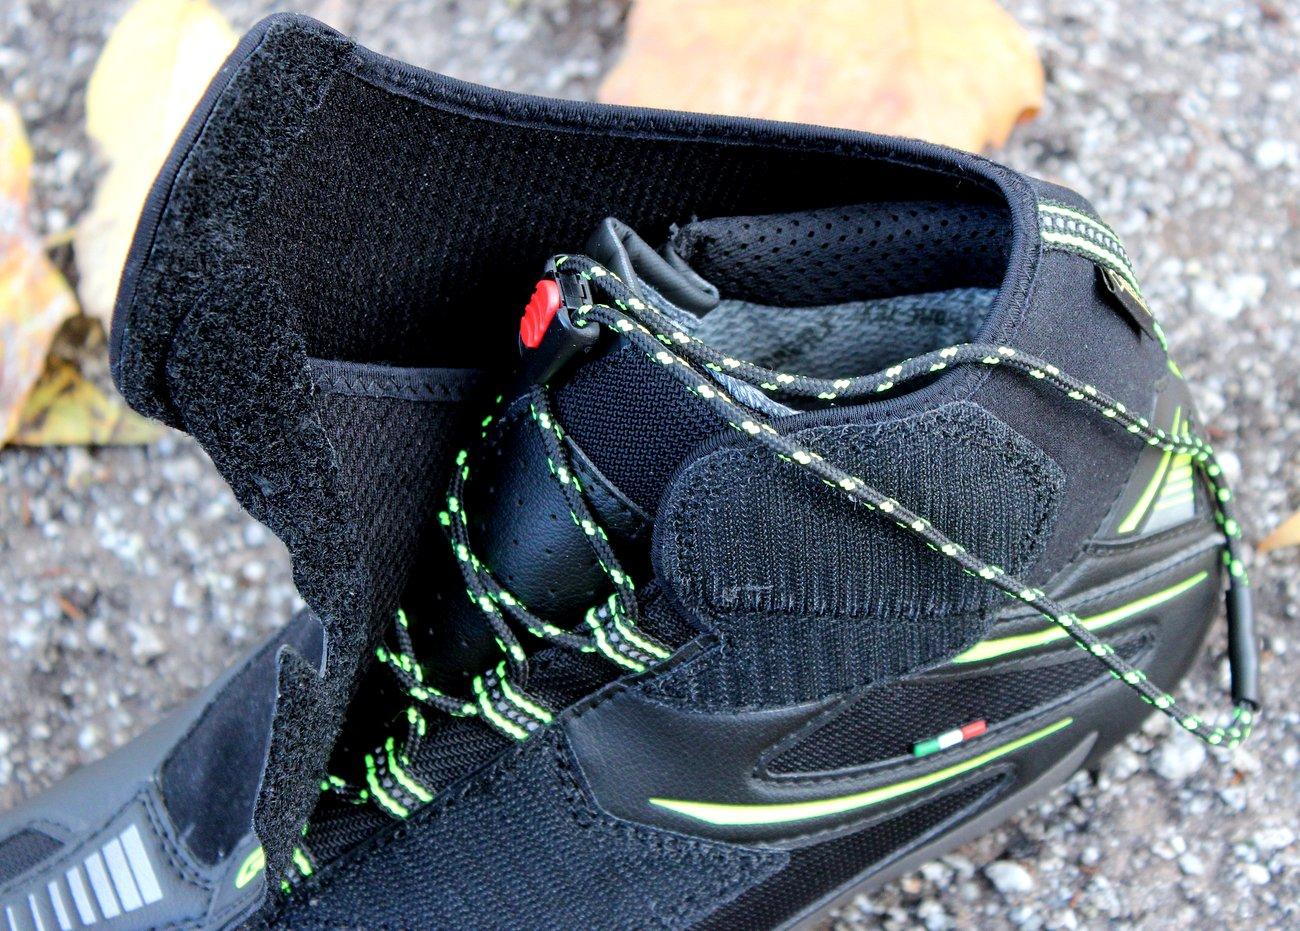 Die Gaerne G.Winter Gore-Tex Road-Schuhe haben eine Neopren-Lasche.